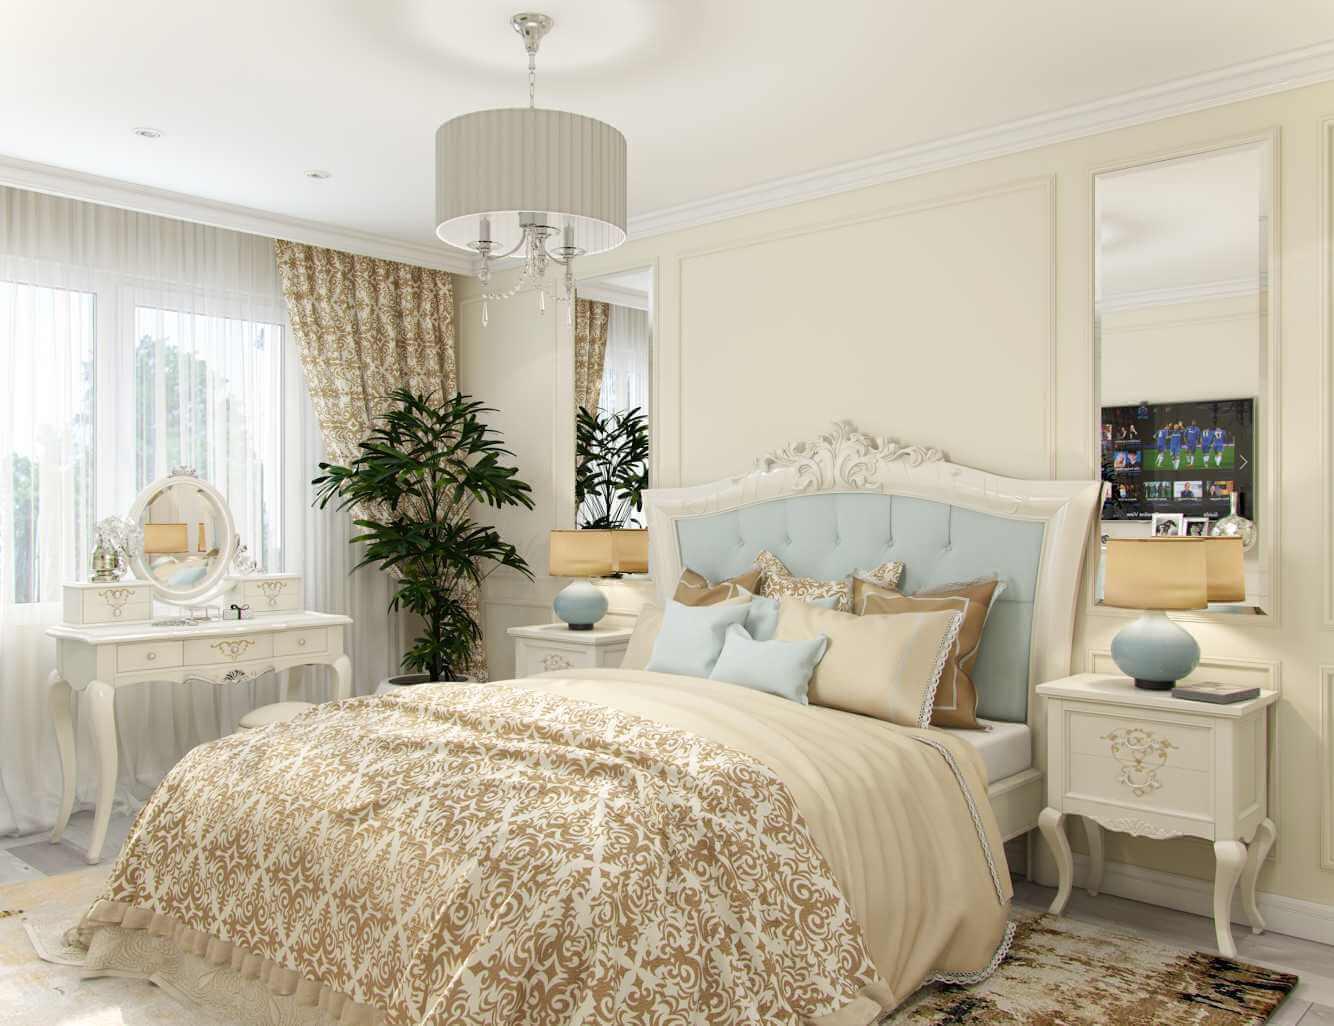 дизайн спальни в квартире жк lemonade